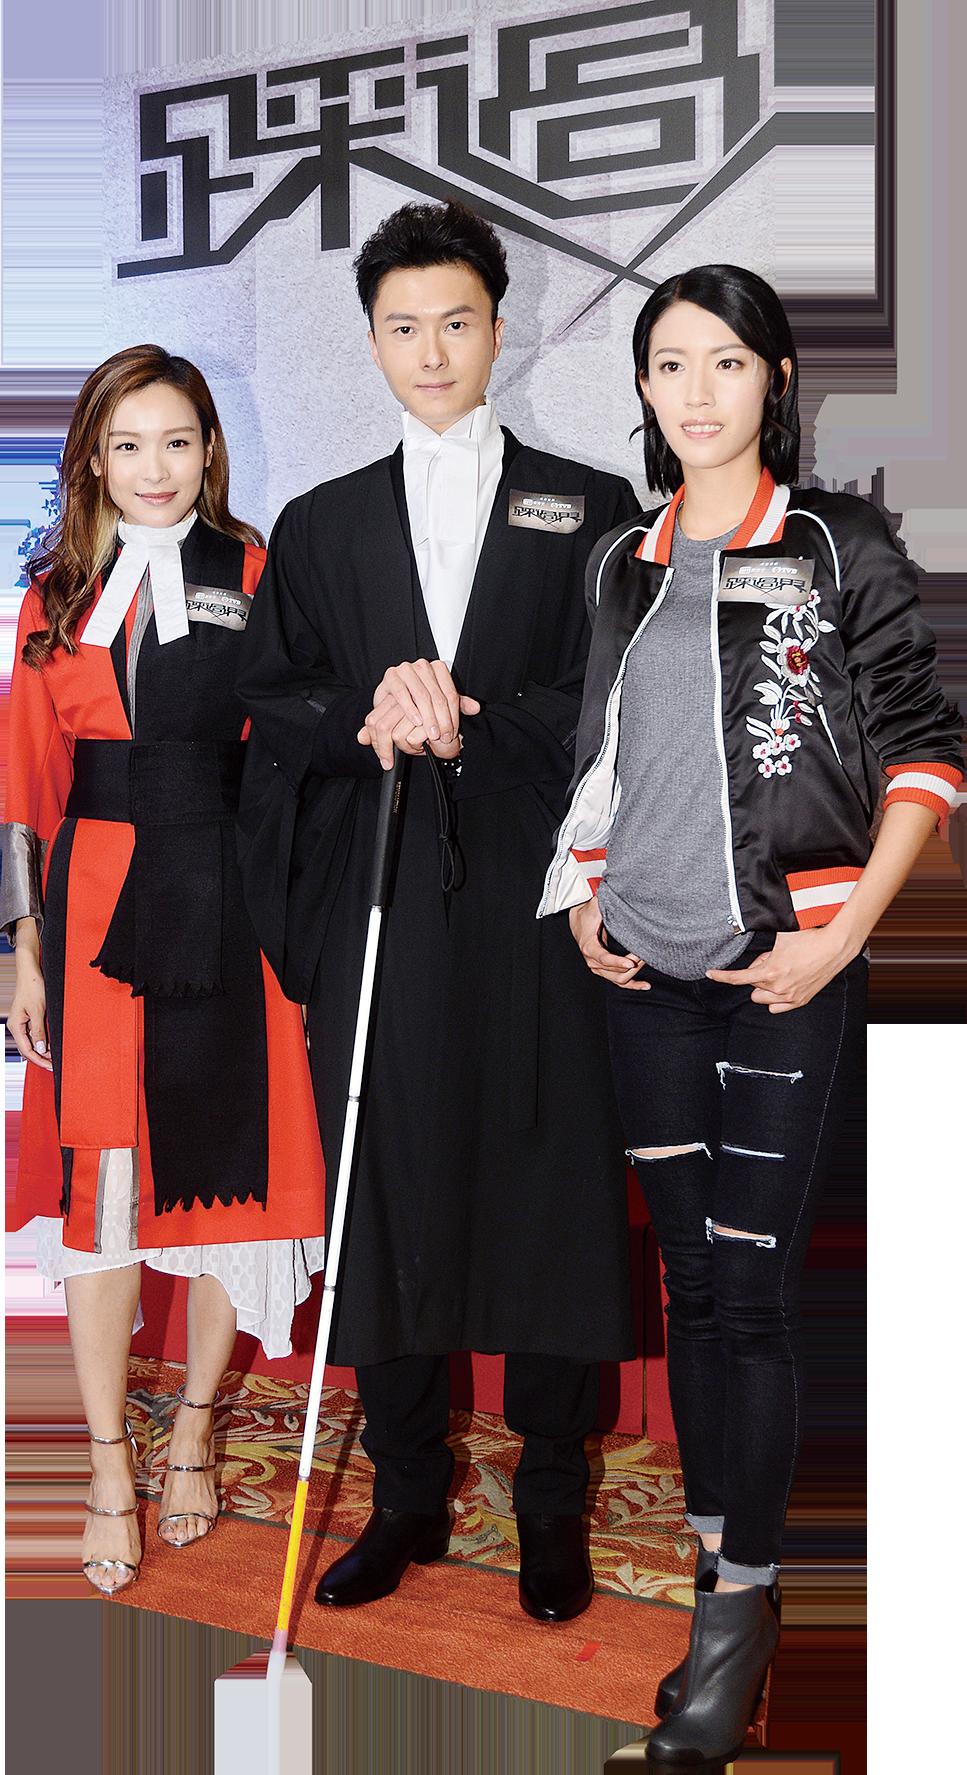 王浩信(中)在新劇《踩過界》飾演失明的正義律師,劇中與蔡思貝(右)及李佳芯有很多對手戲。(宋碧龍/大紀元)